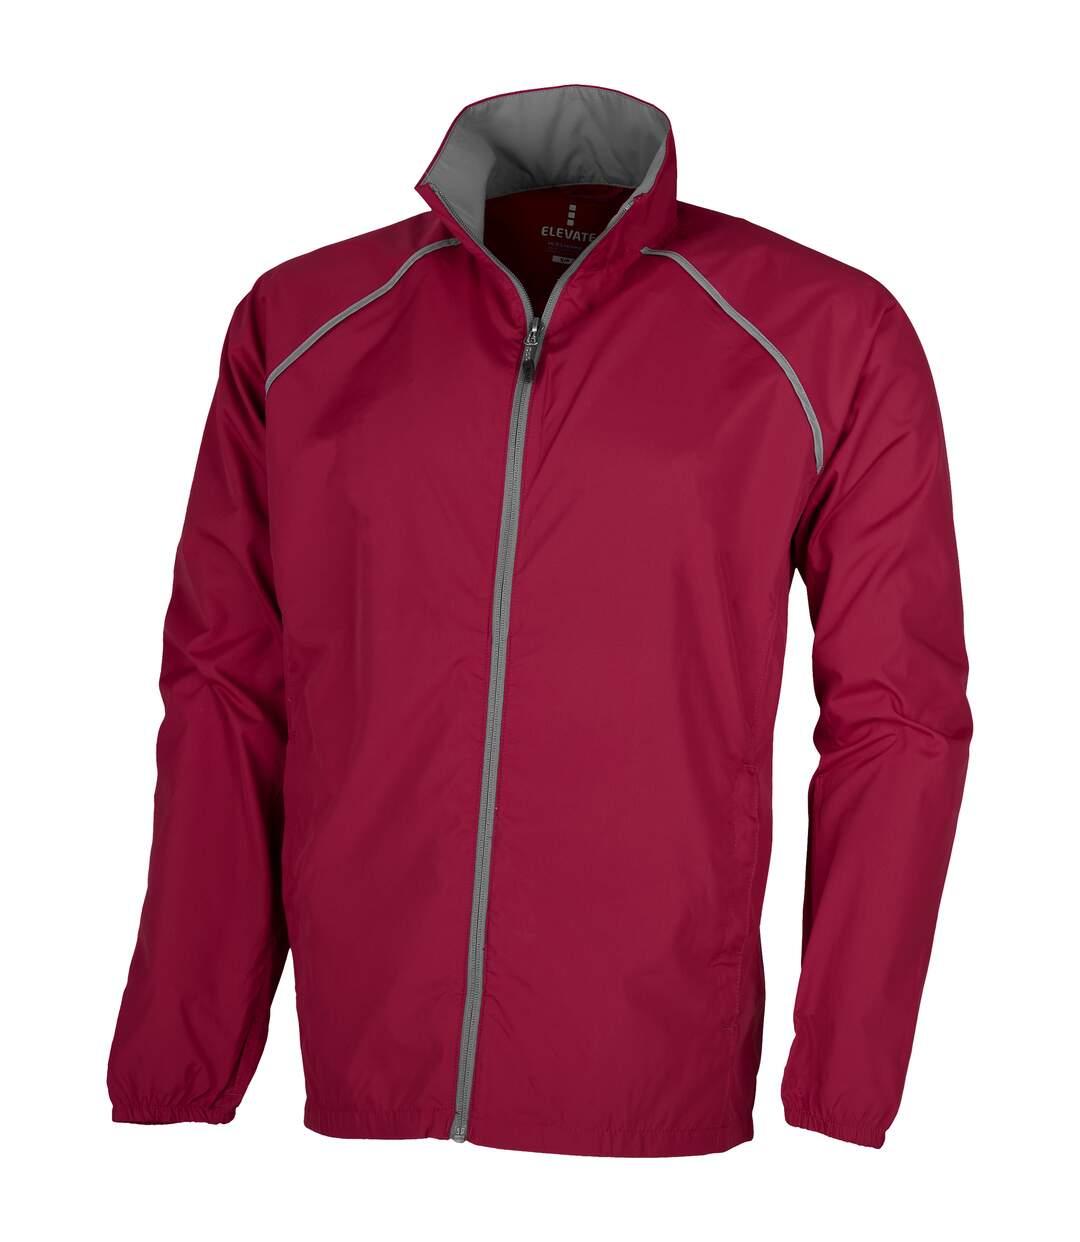 Elevate Mens Egmont Packable Jacket (Red) - UTPF1862